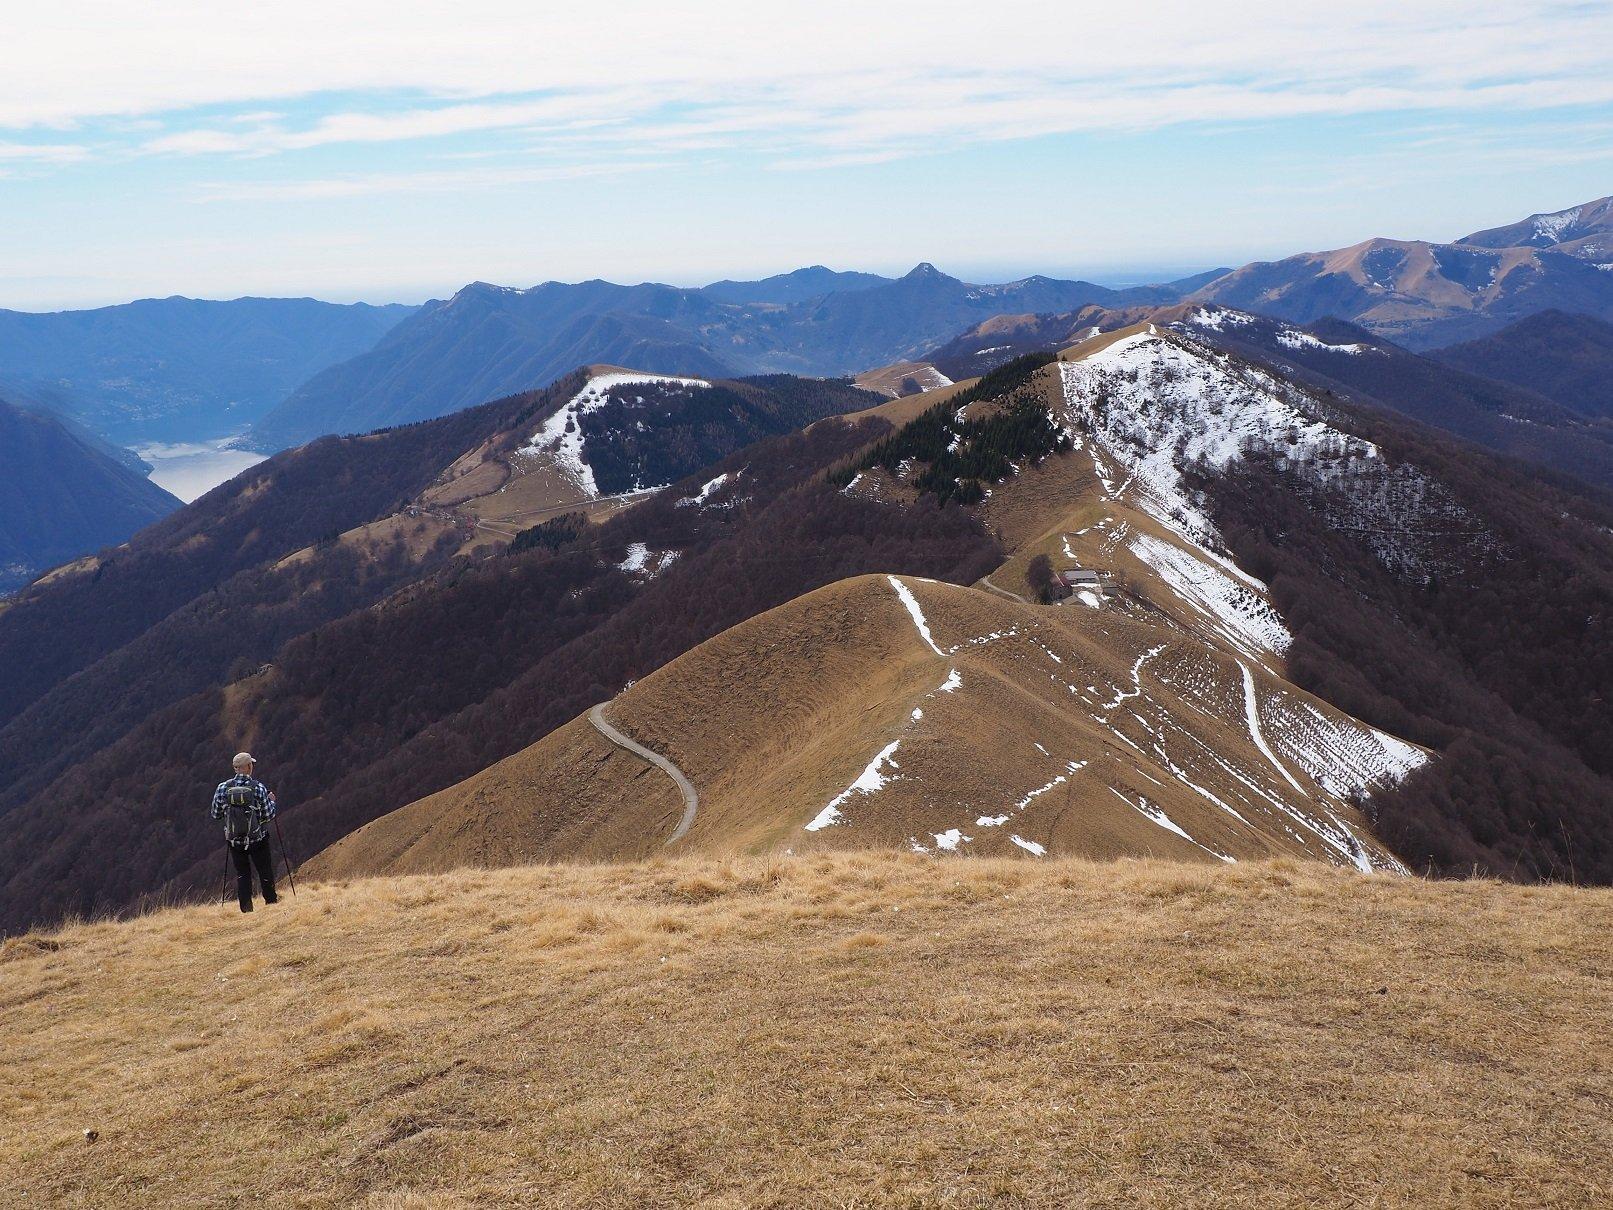 Tremezzo (Monti di) dal Rifugio Boffalora 2019-03-16